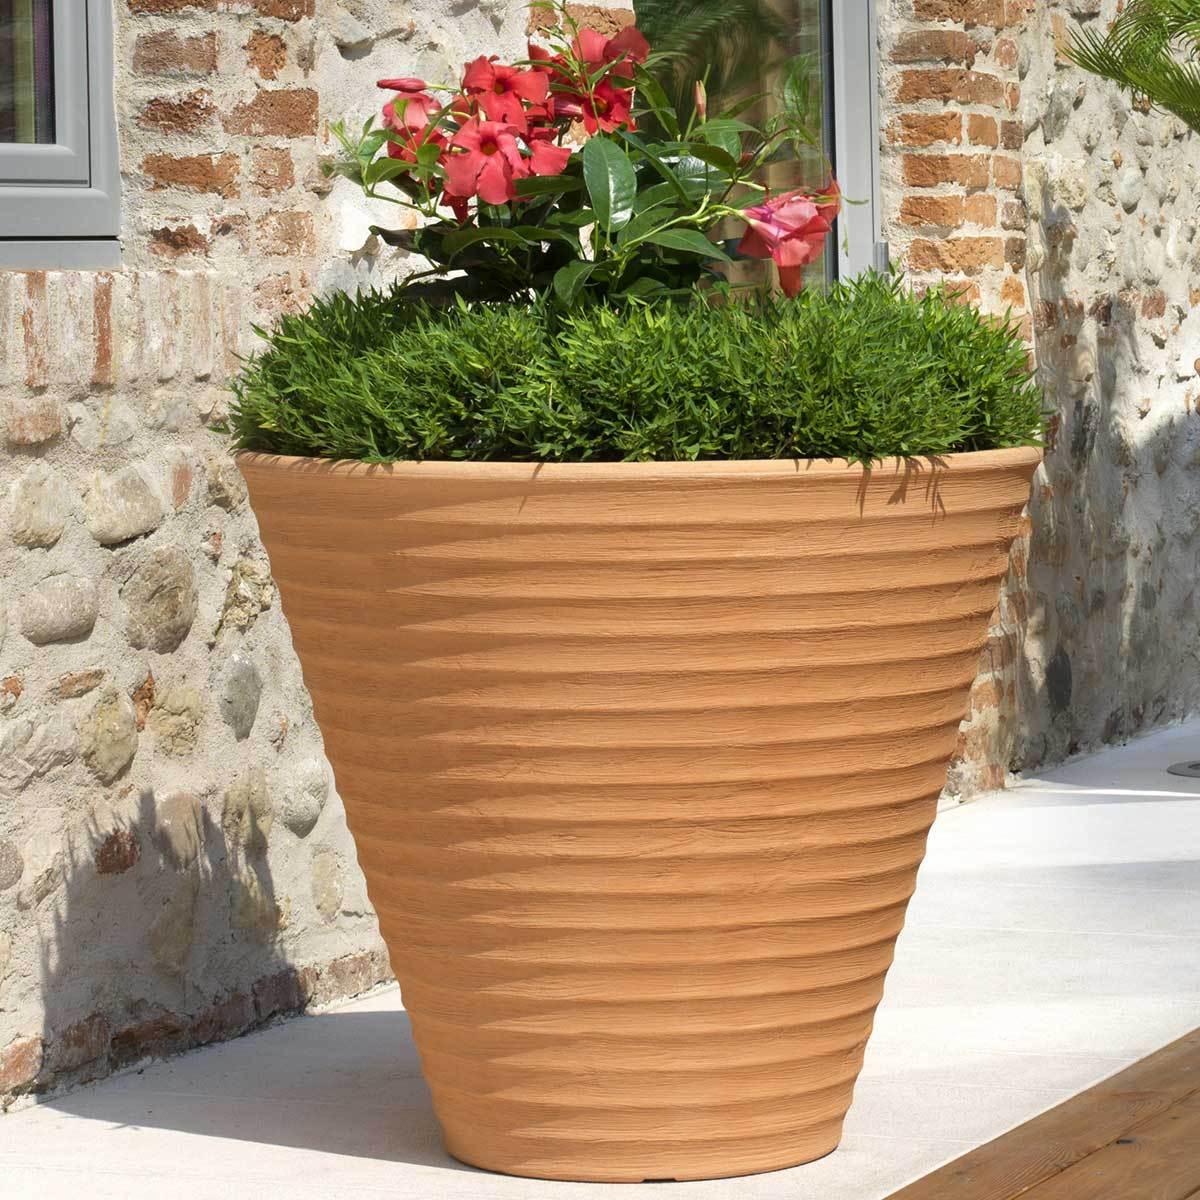 s lectionner les meilleurs pots de fleurs pour son jardin loisir jardin. Black Bedroom Furniture Sets. Home Design Ideas